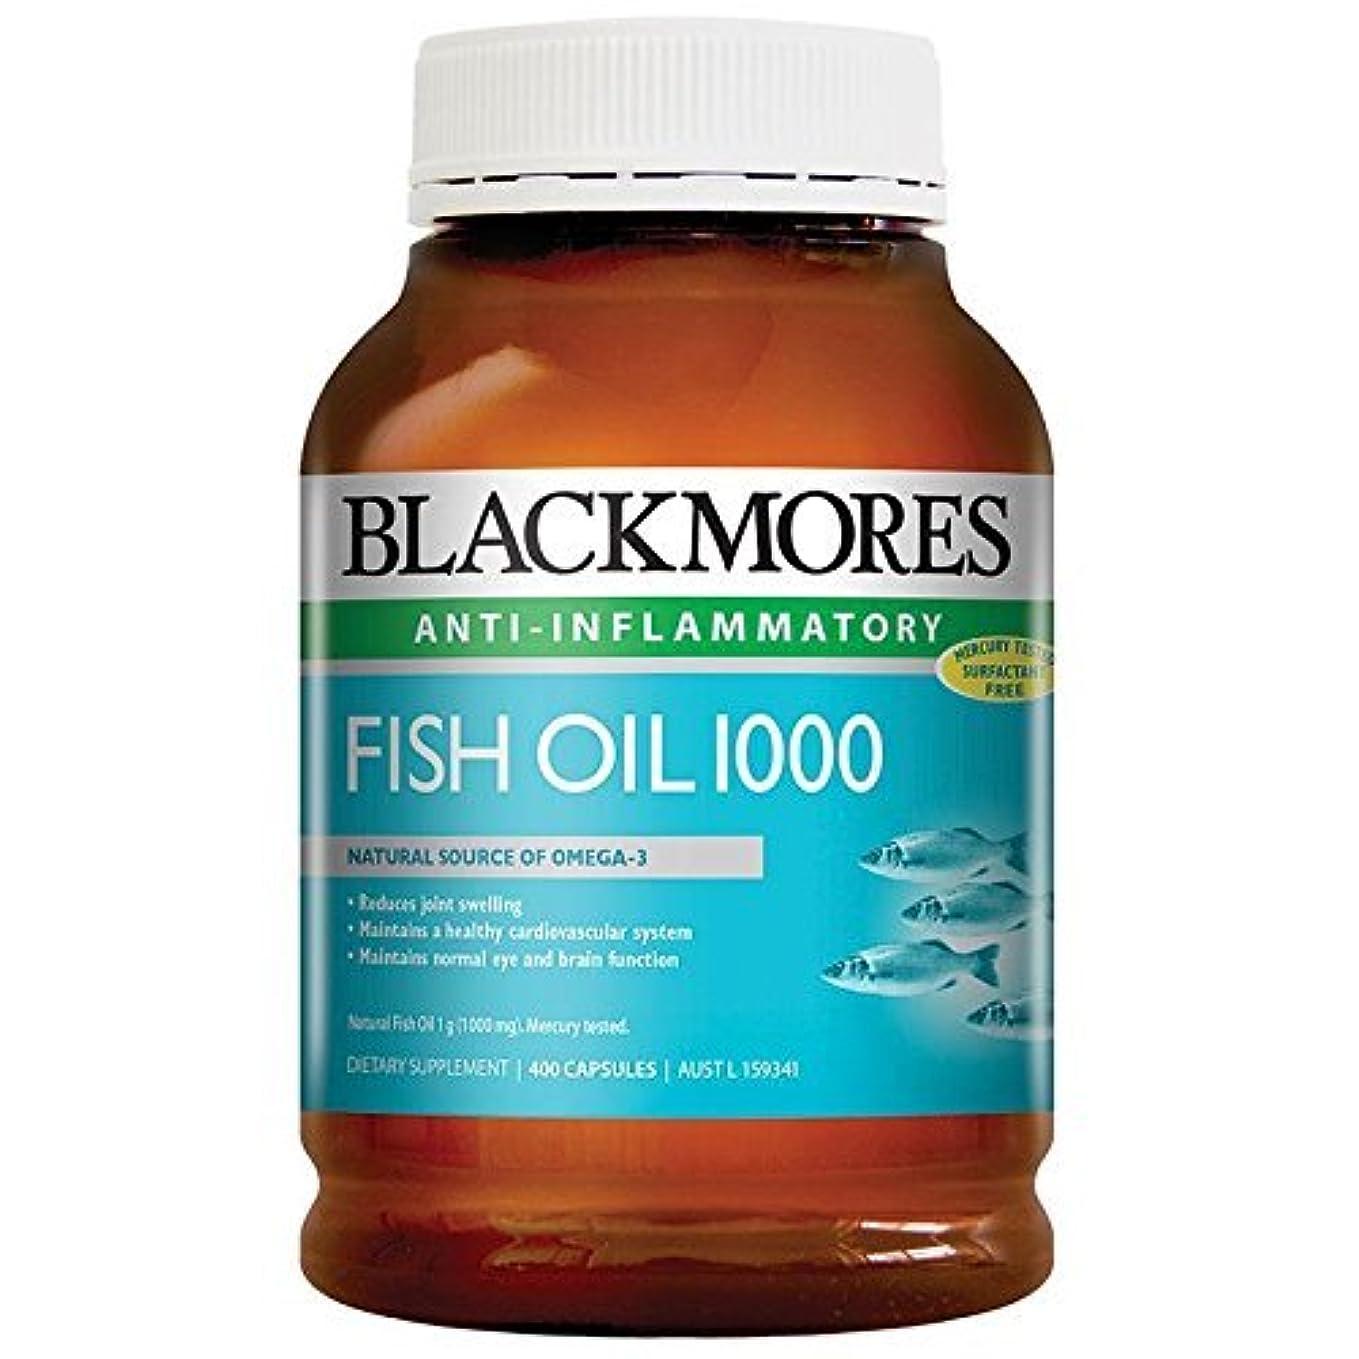 かもめ振動させるステーキBlackmores Fish Oil 400 Caps 1000 Omega3 Dha, EPA Fatty Acids with 1pcs Chinese Knot Gift by Blackmores LTD